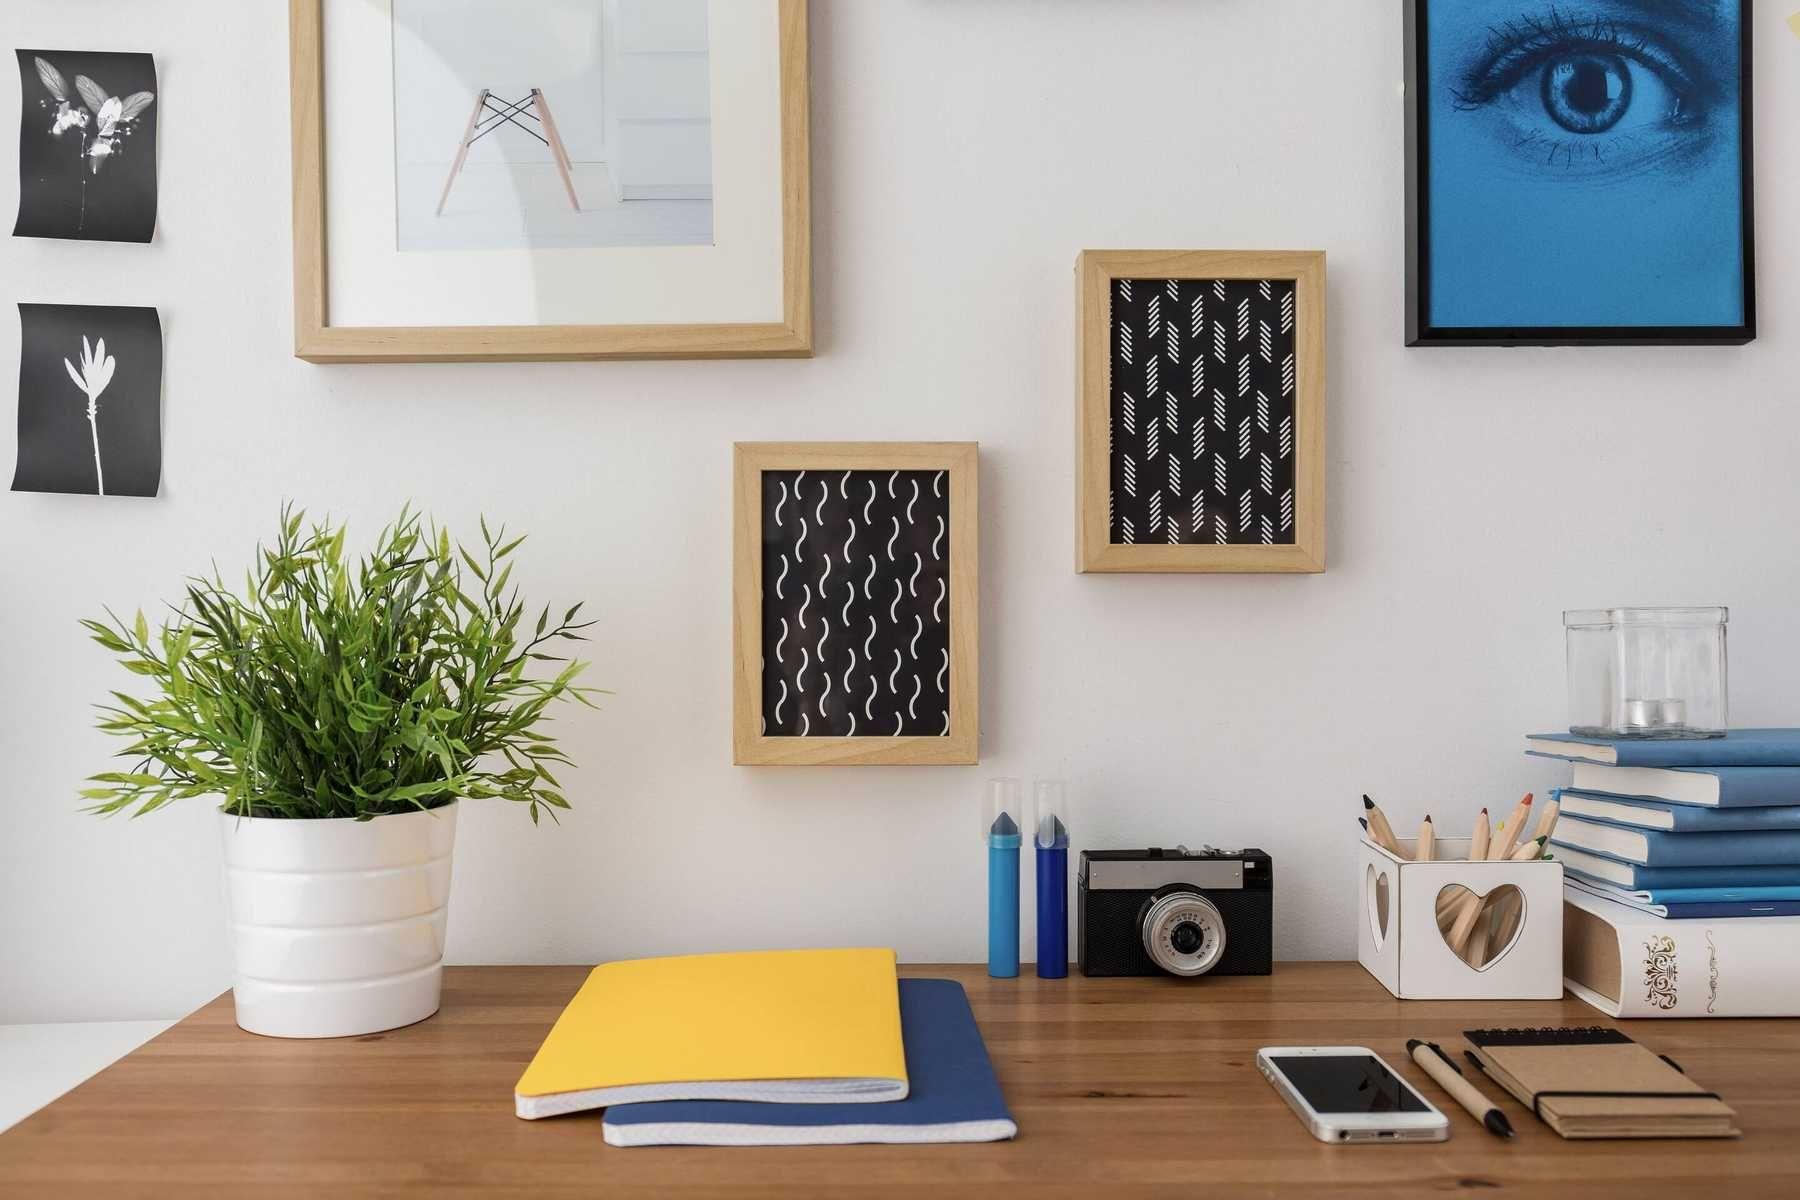 Trang trí cây xanh trên bàn làm việc trong nhà